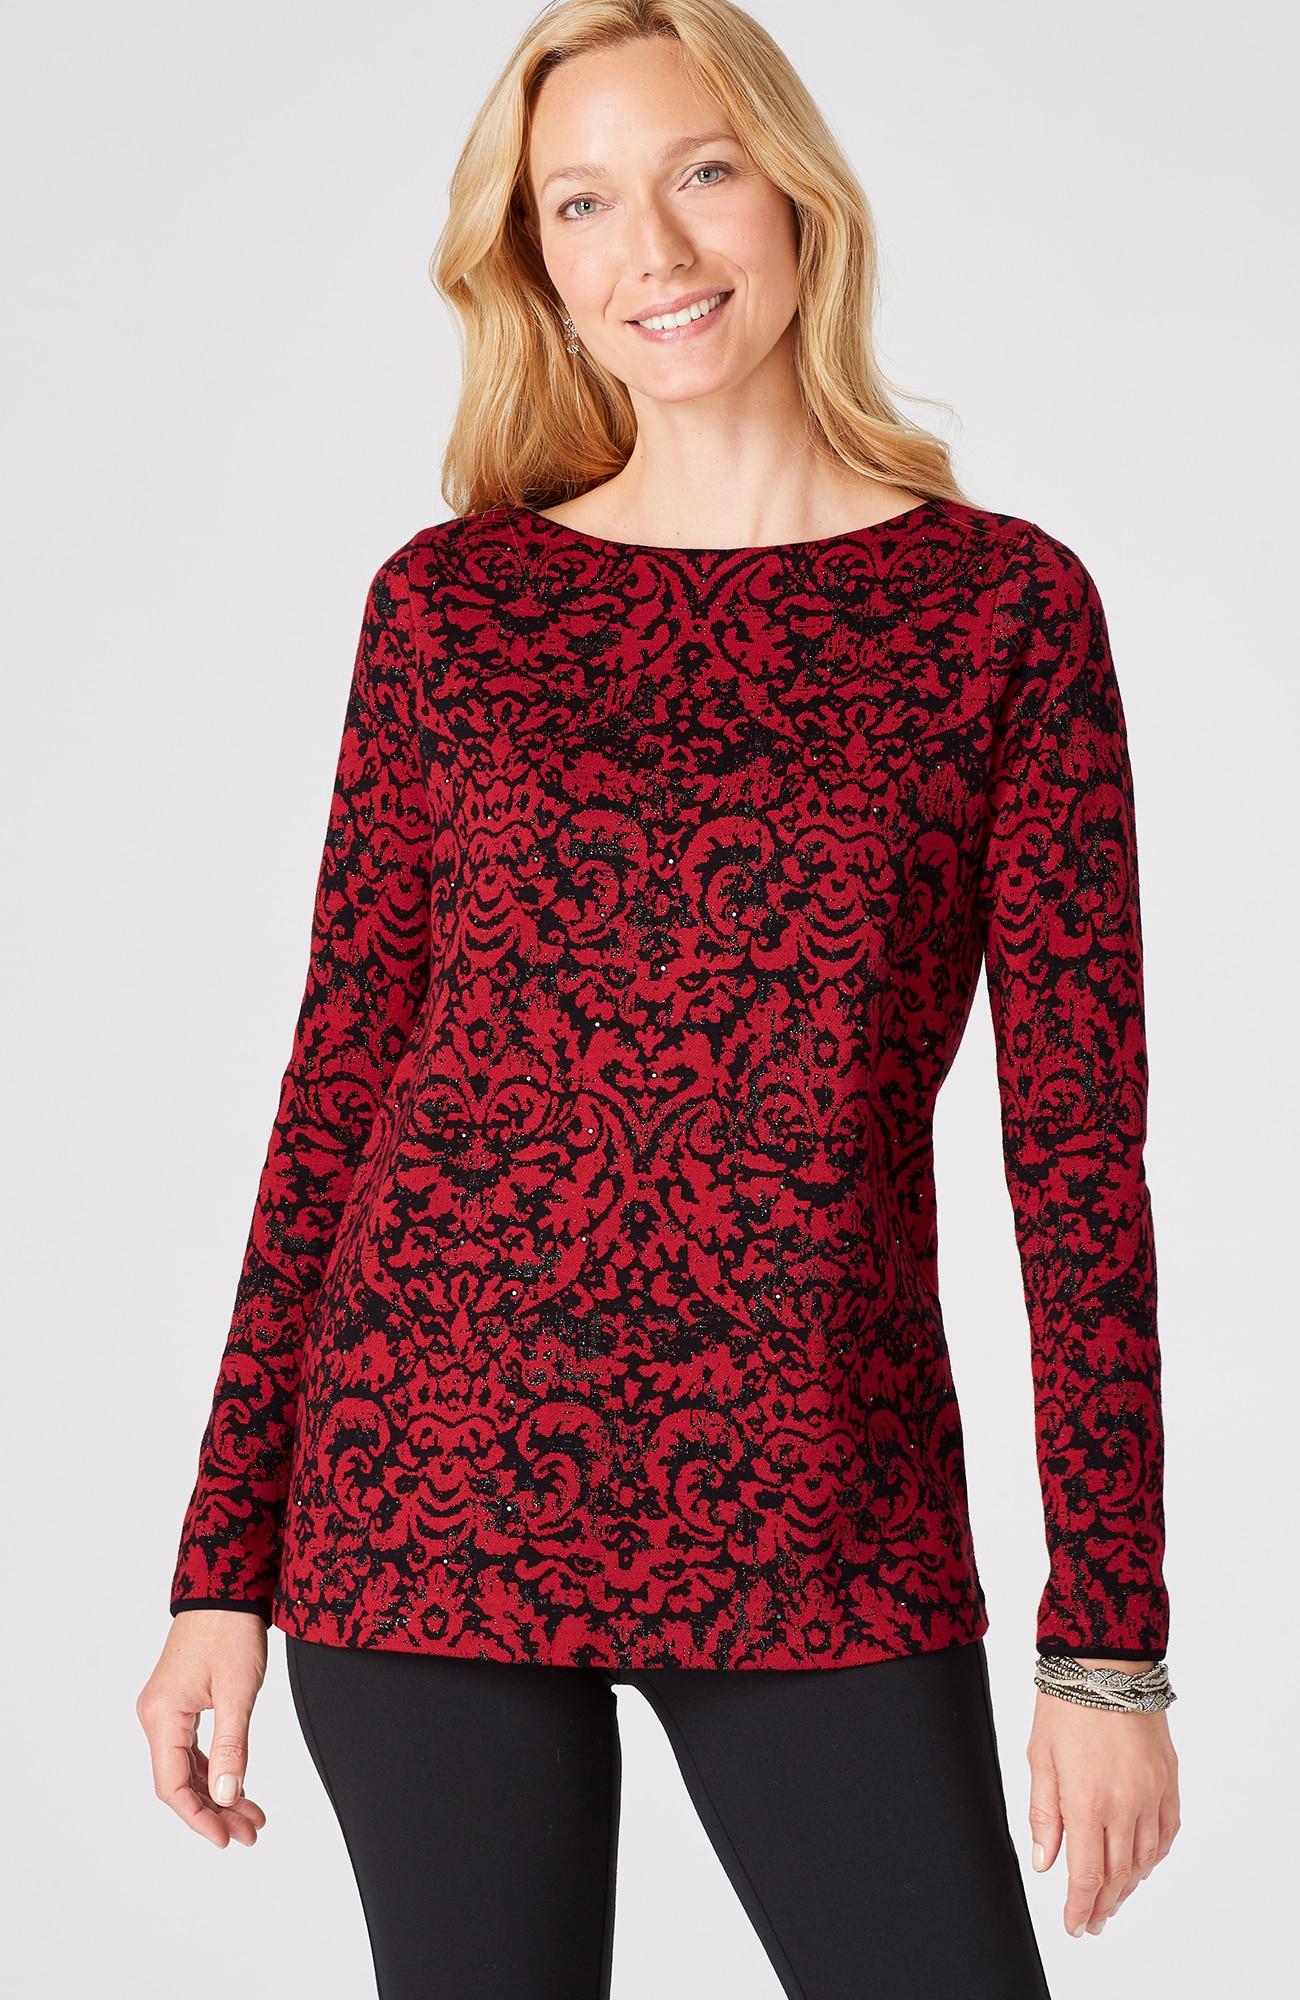 shimmering jacquard pullover